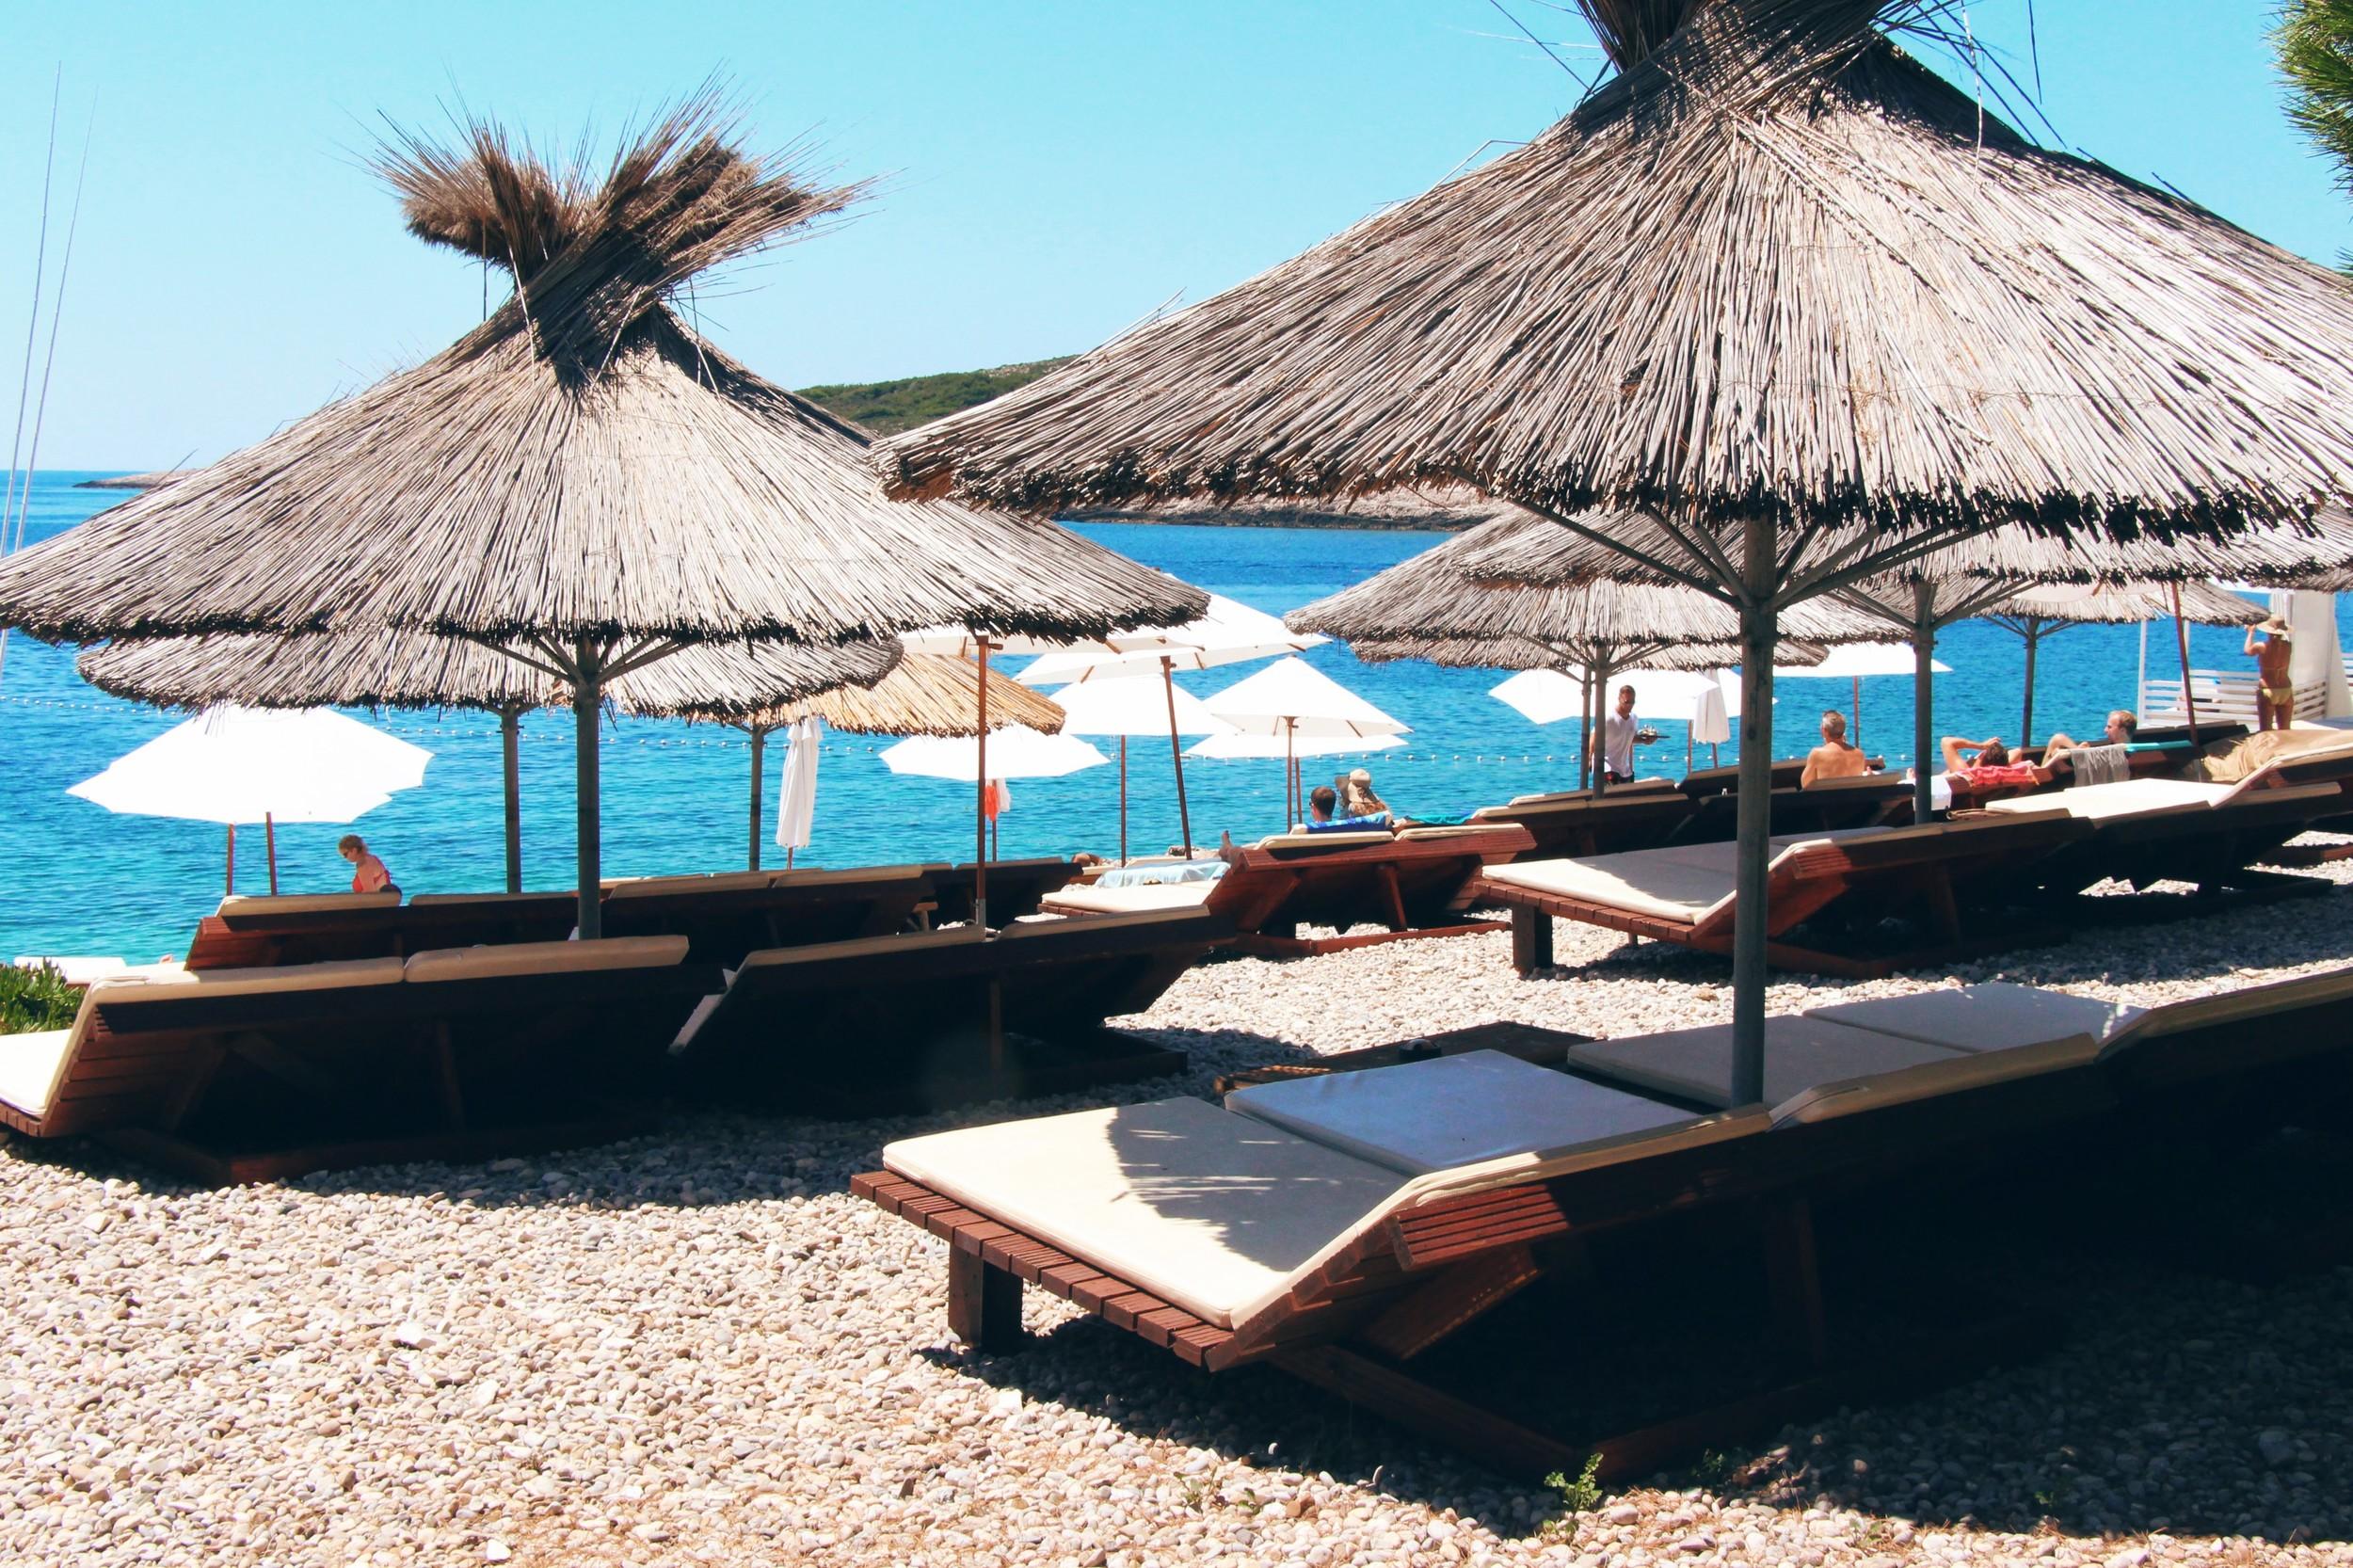 Sunbeds at Carpe Diem beach bar